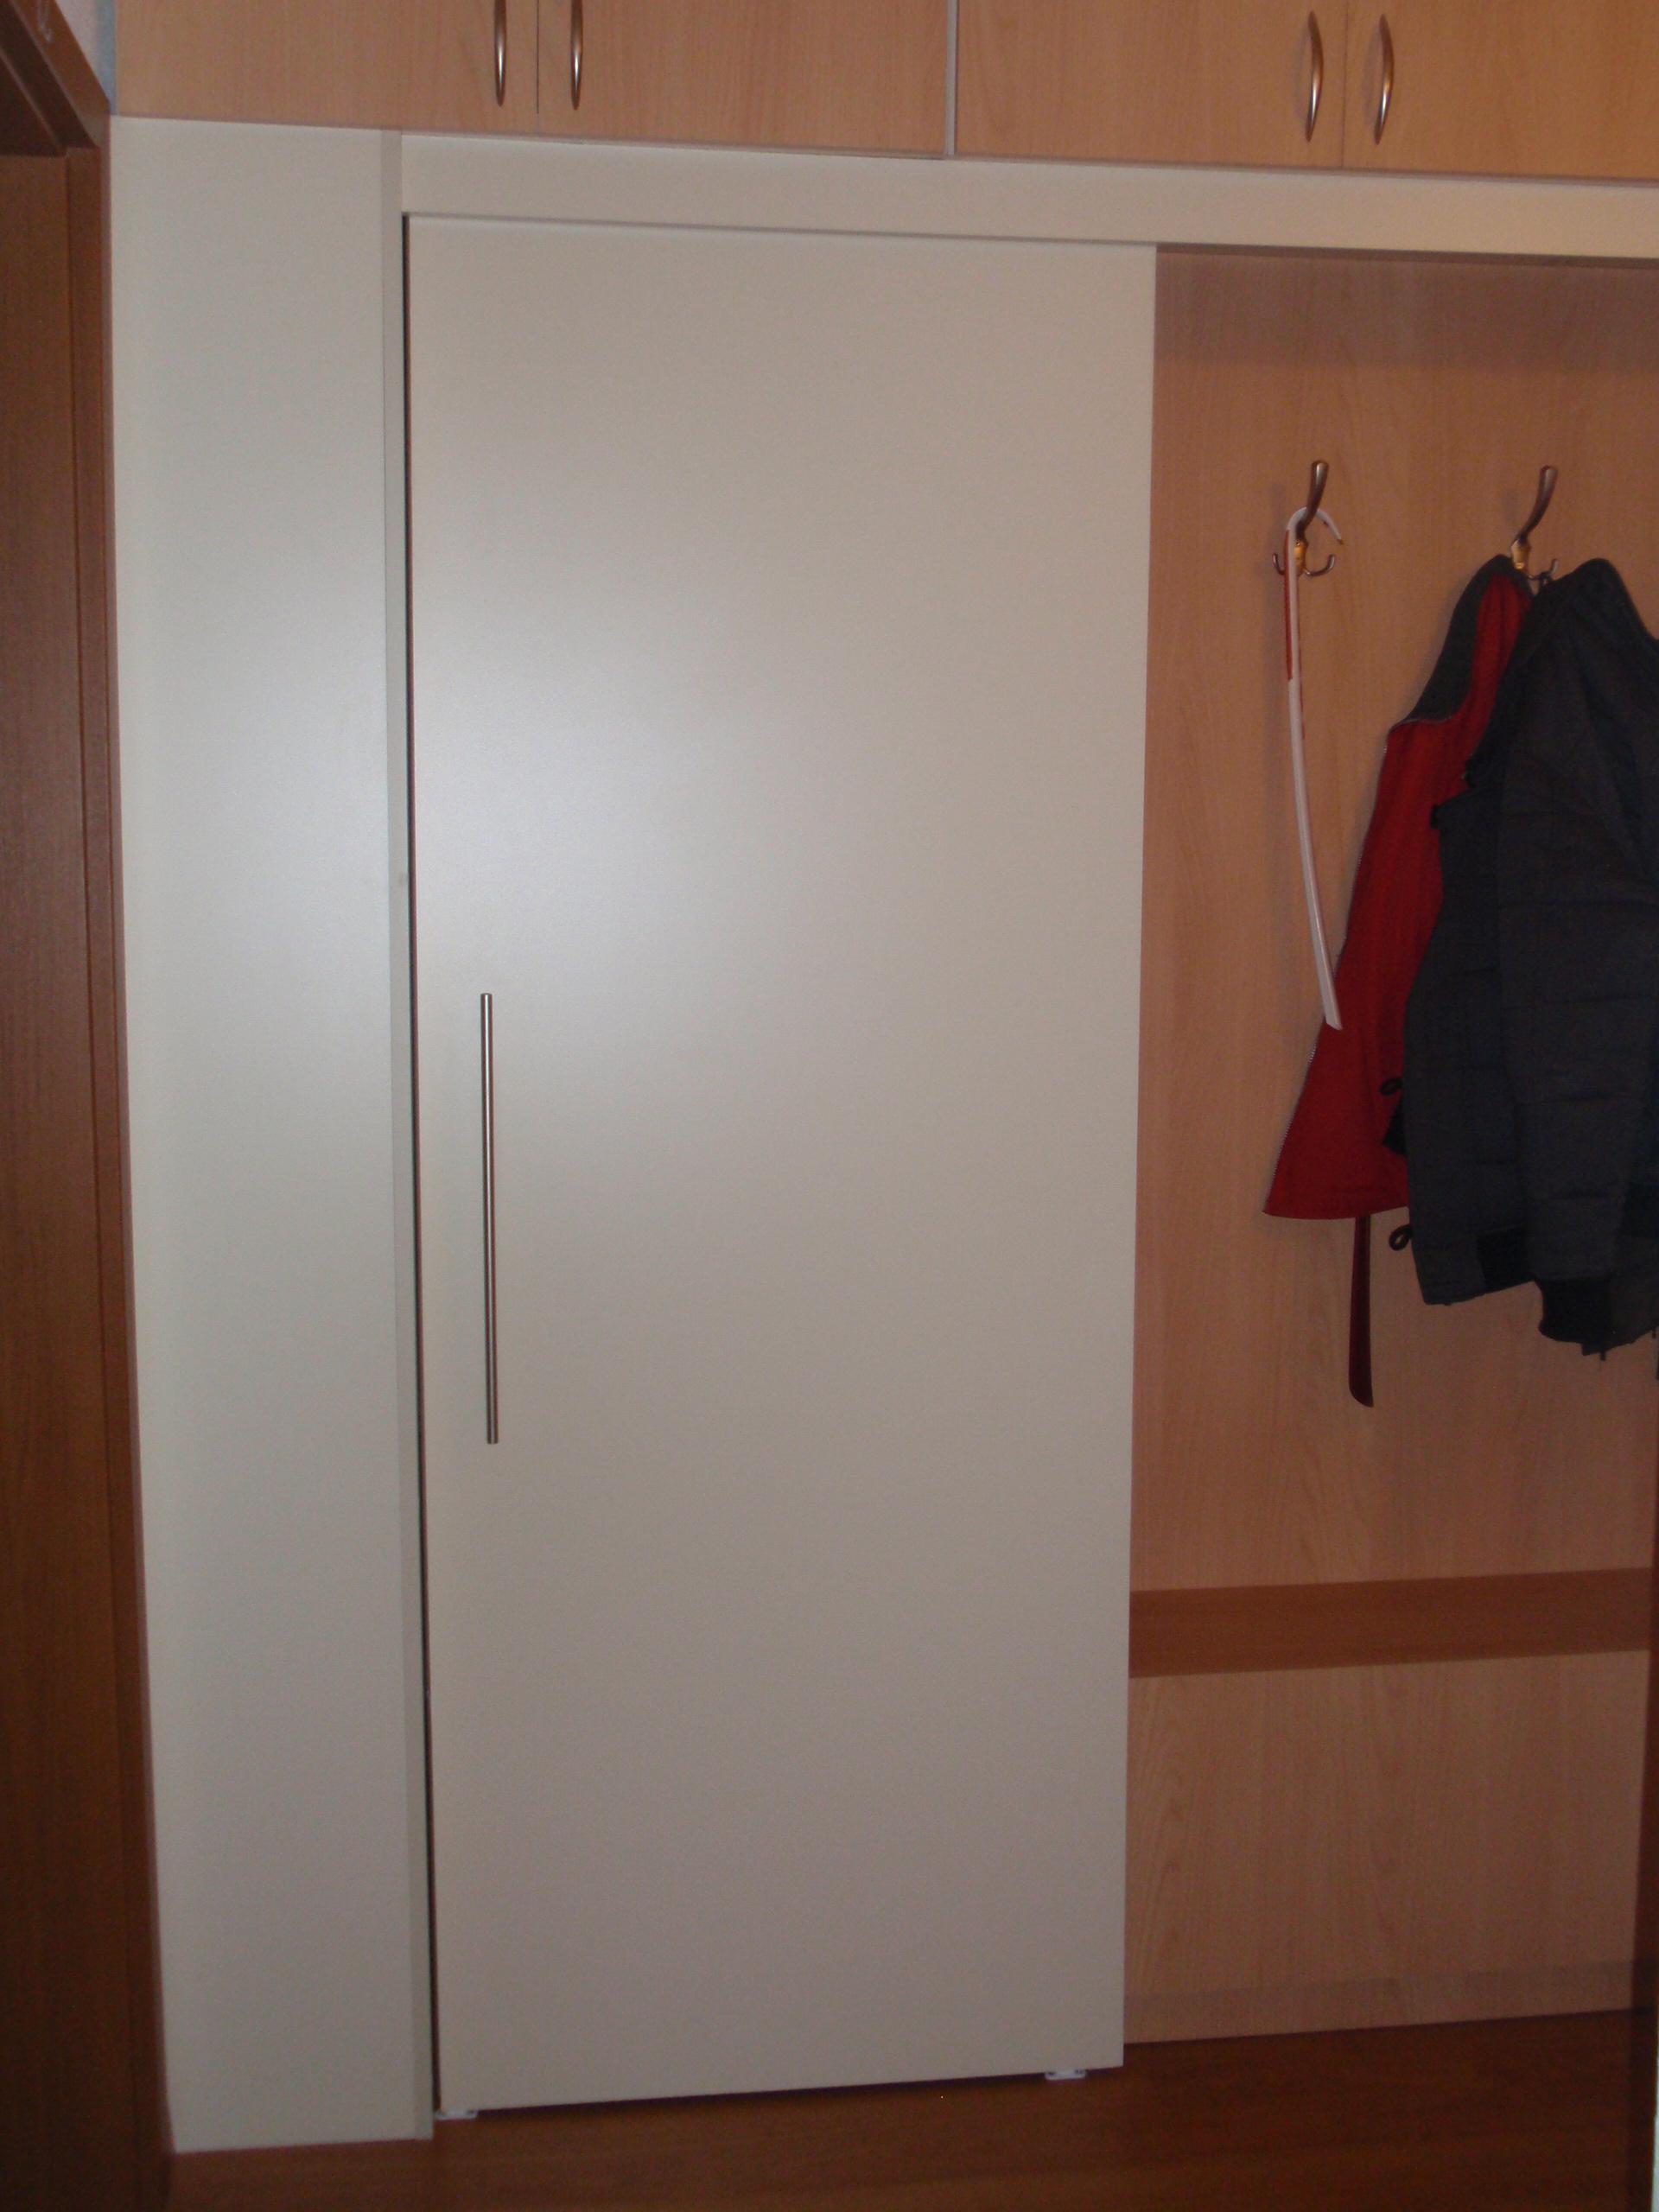 Skriňa vľavo vlastne ani nie je skriňa, ale skrýva v sebe vchod do komory